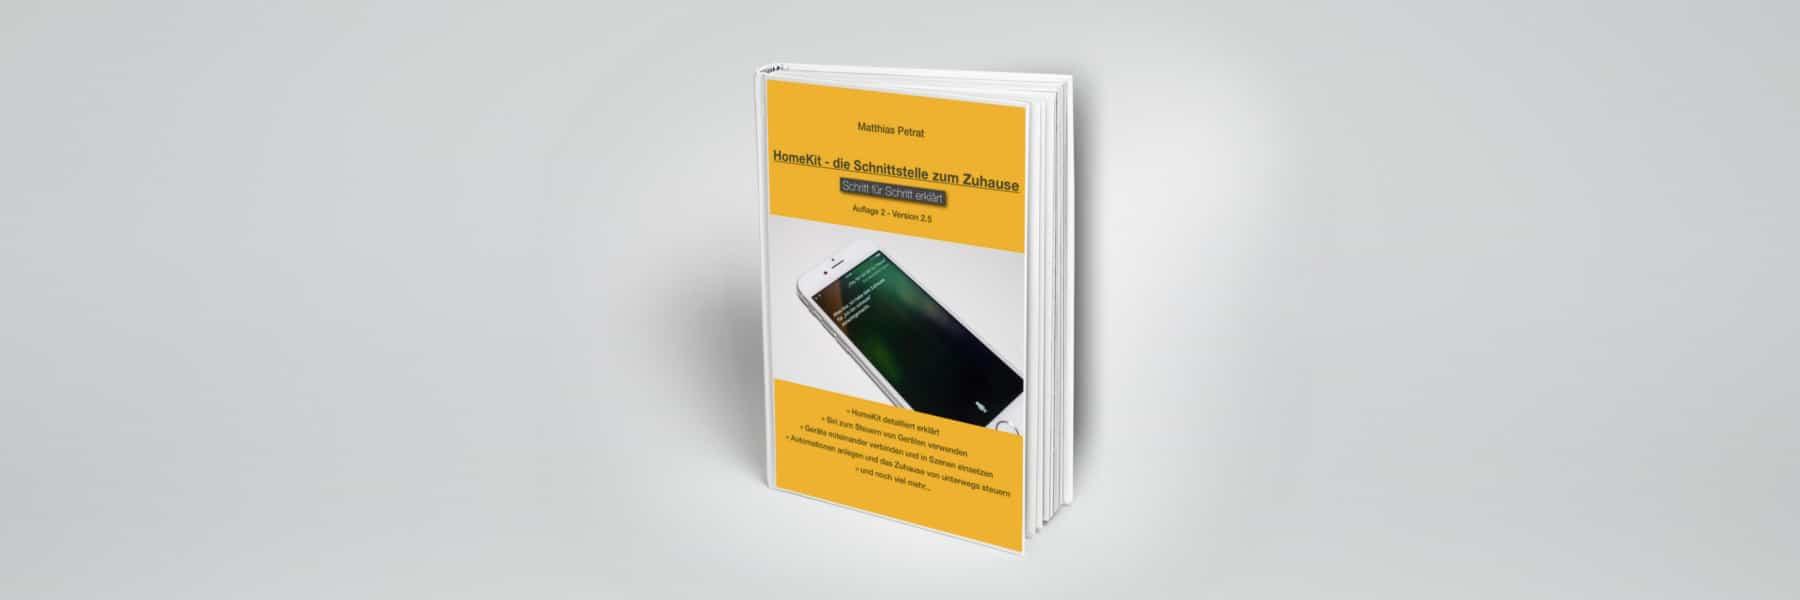 Großes Update für HomeKit Buch veröffentlicht